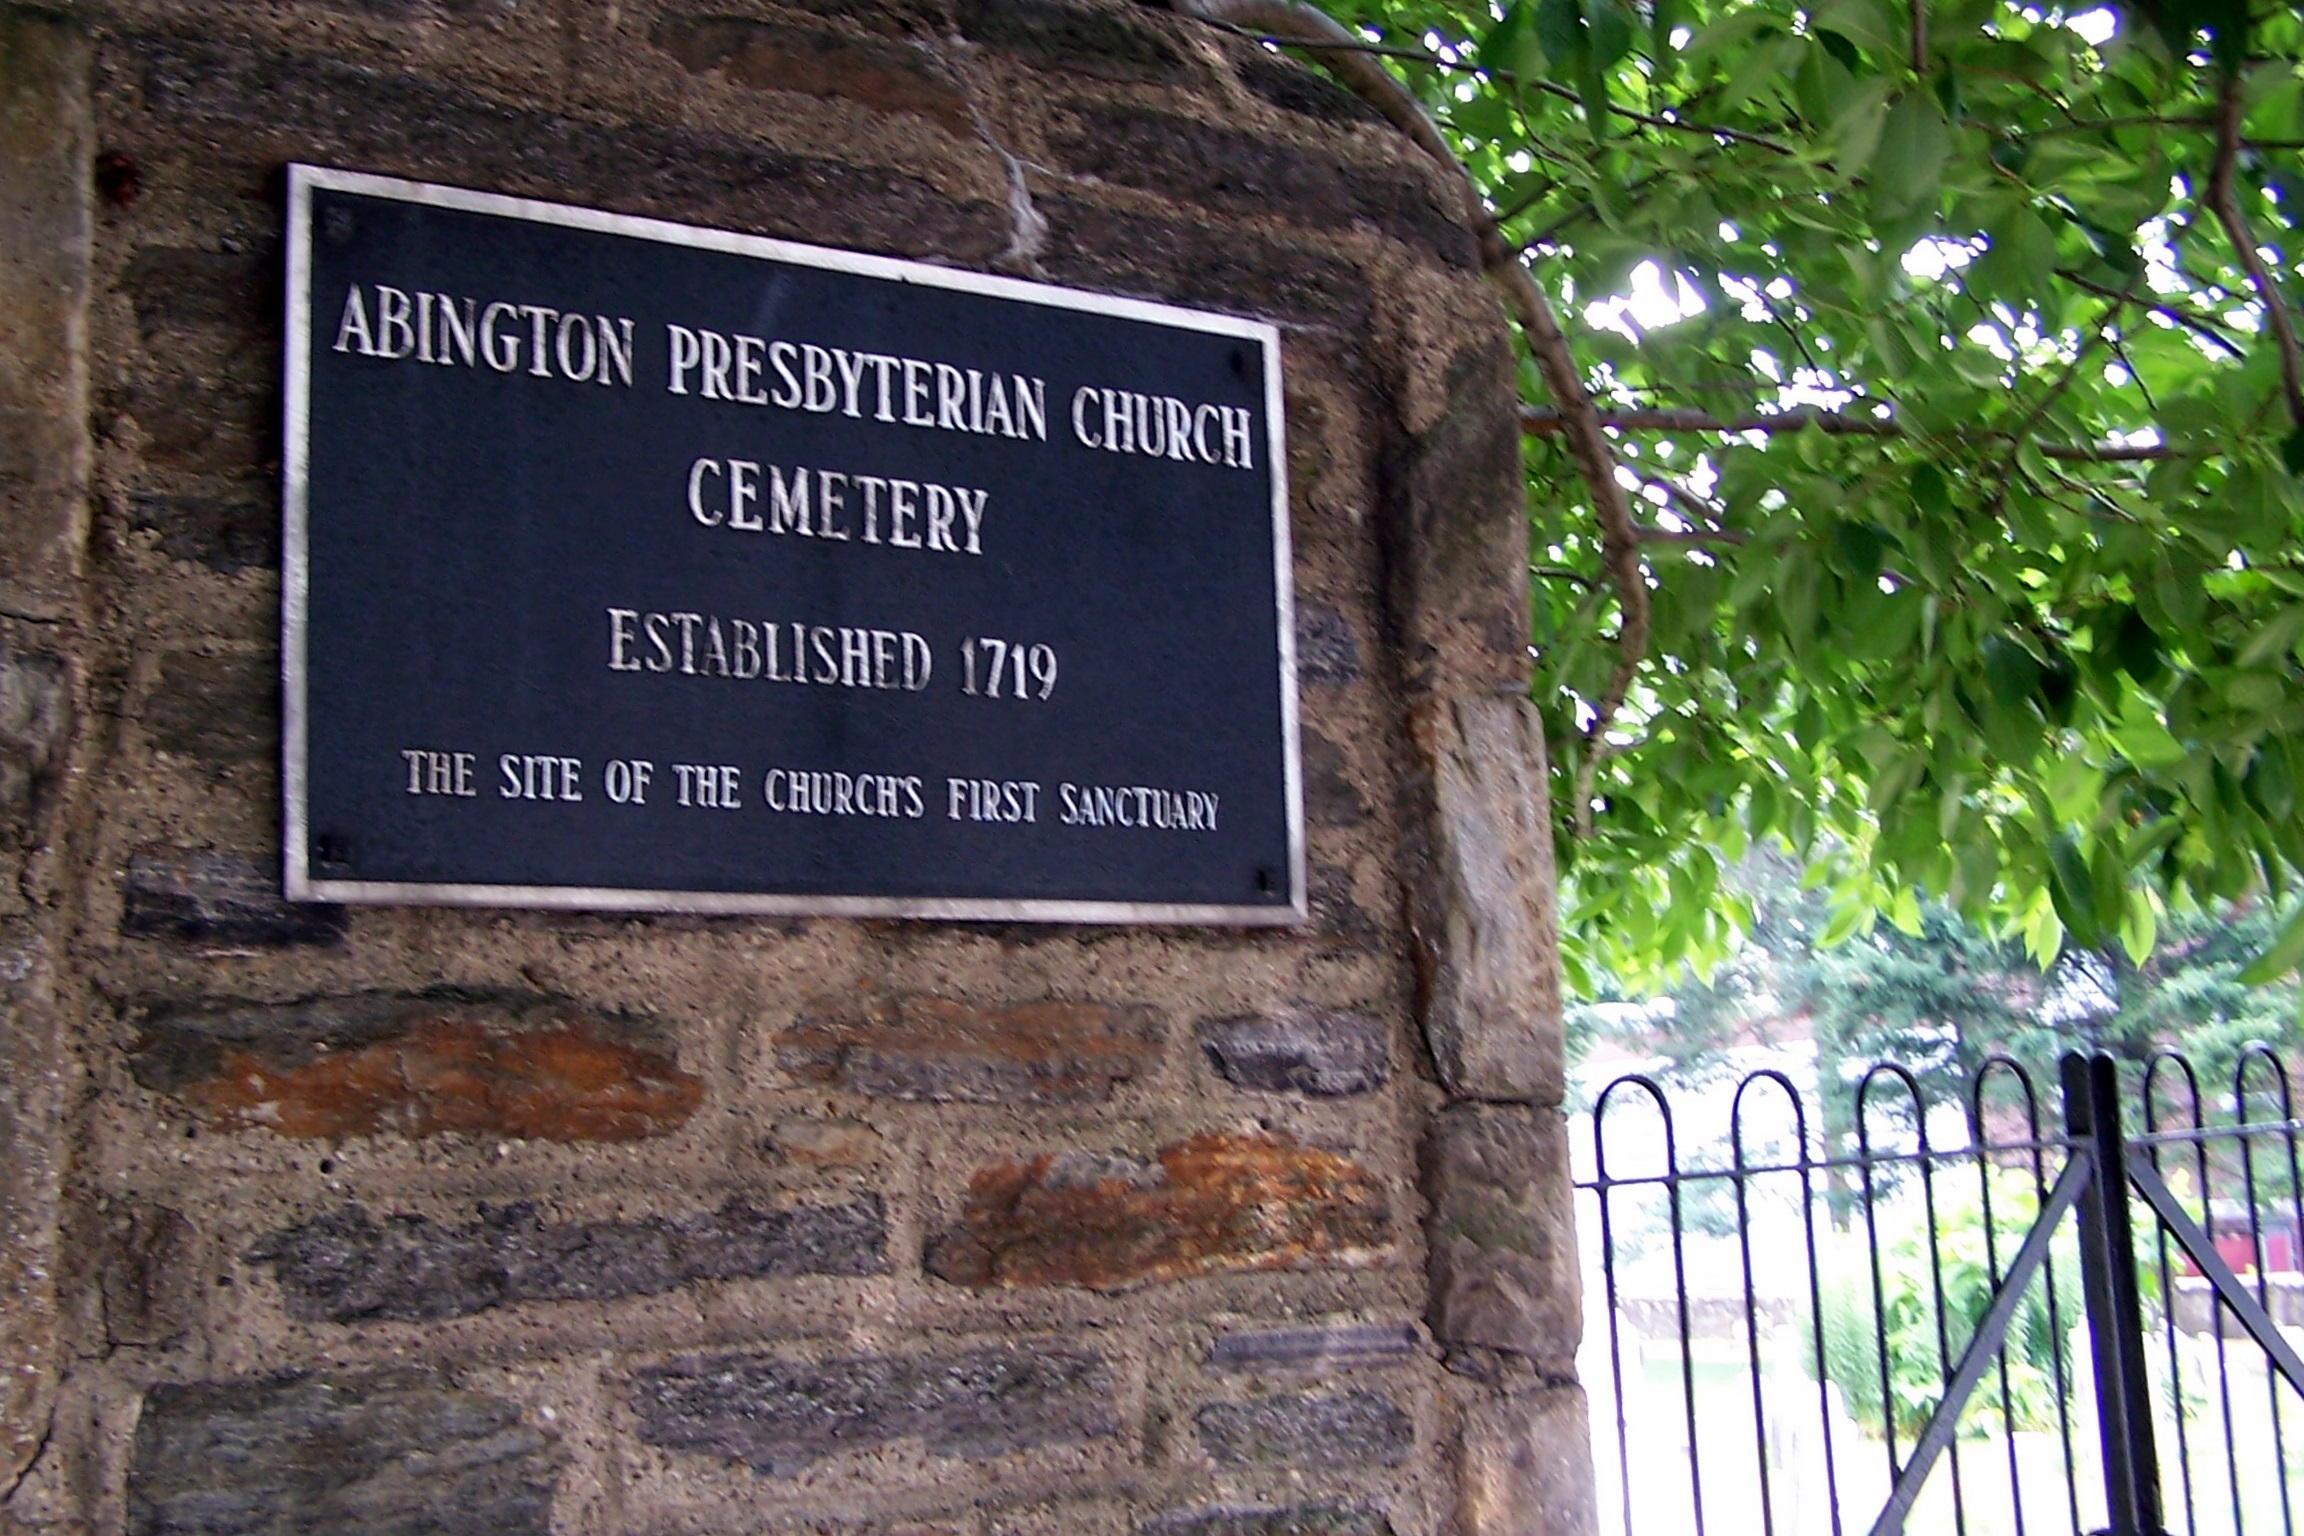 Abington Presbyterian Church Cemetery